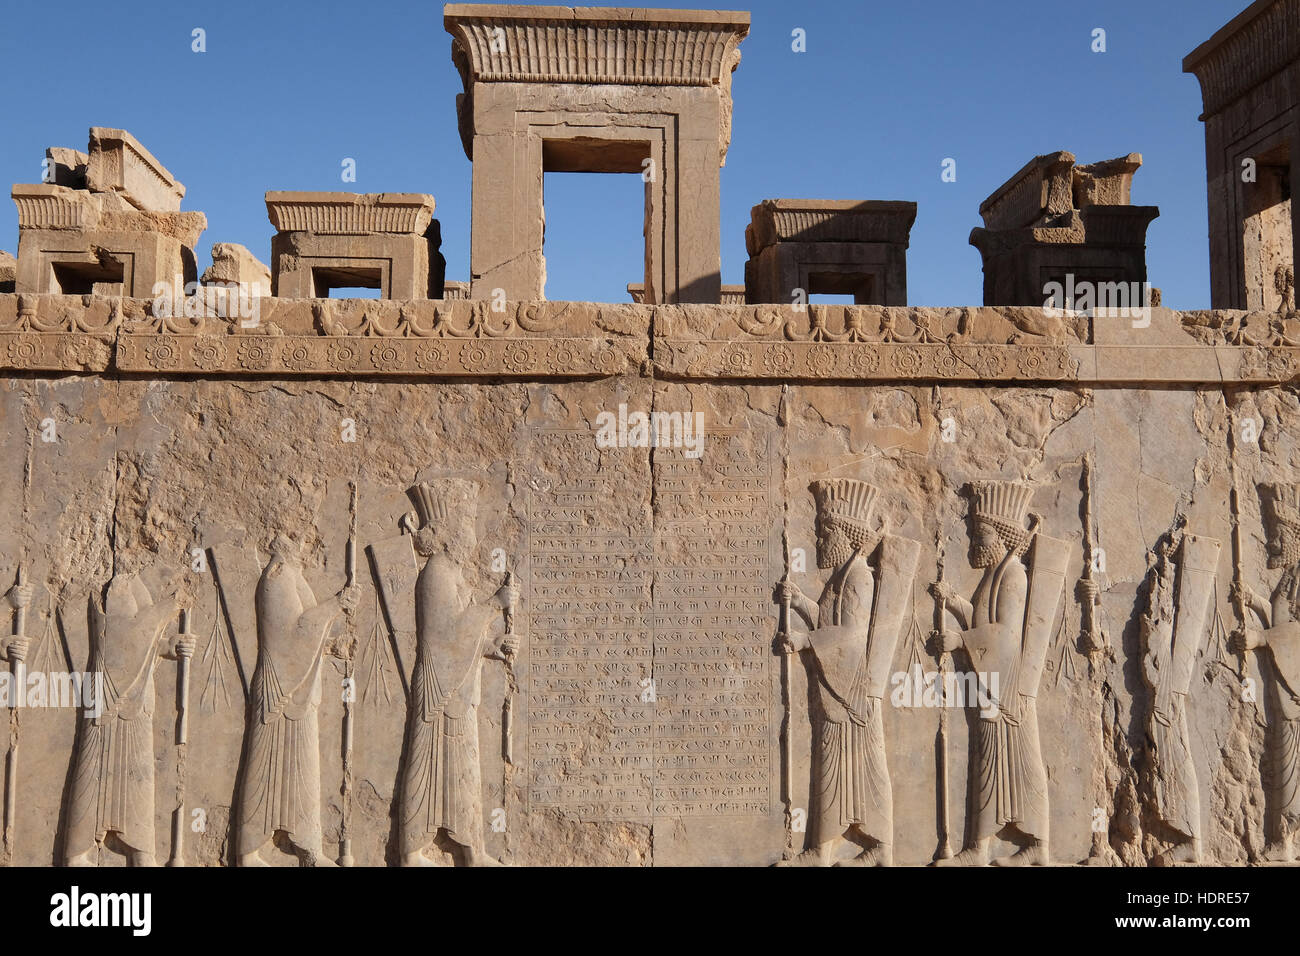 Tallados en una pared en la antigua ciudad de Persépolis, provincia de Fars, Irán Foto de stock